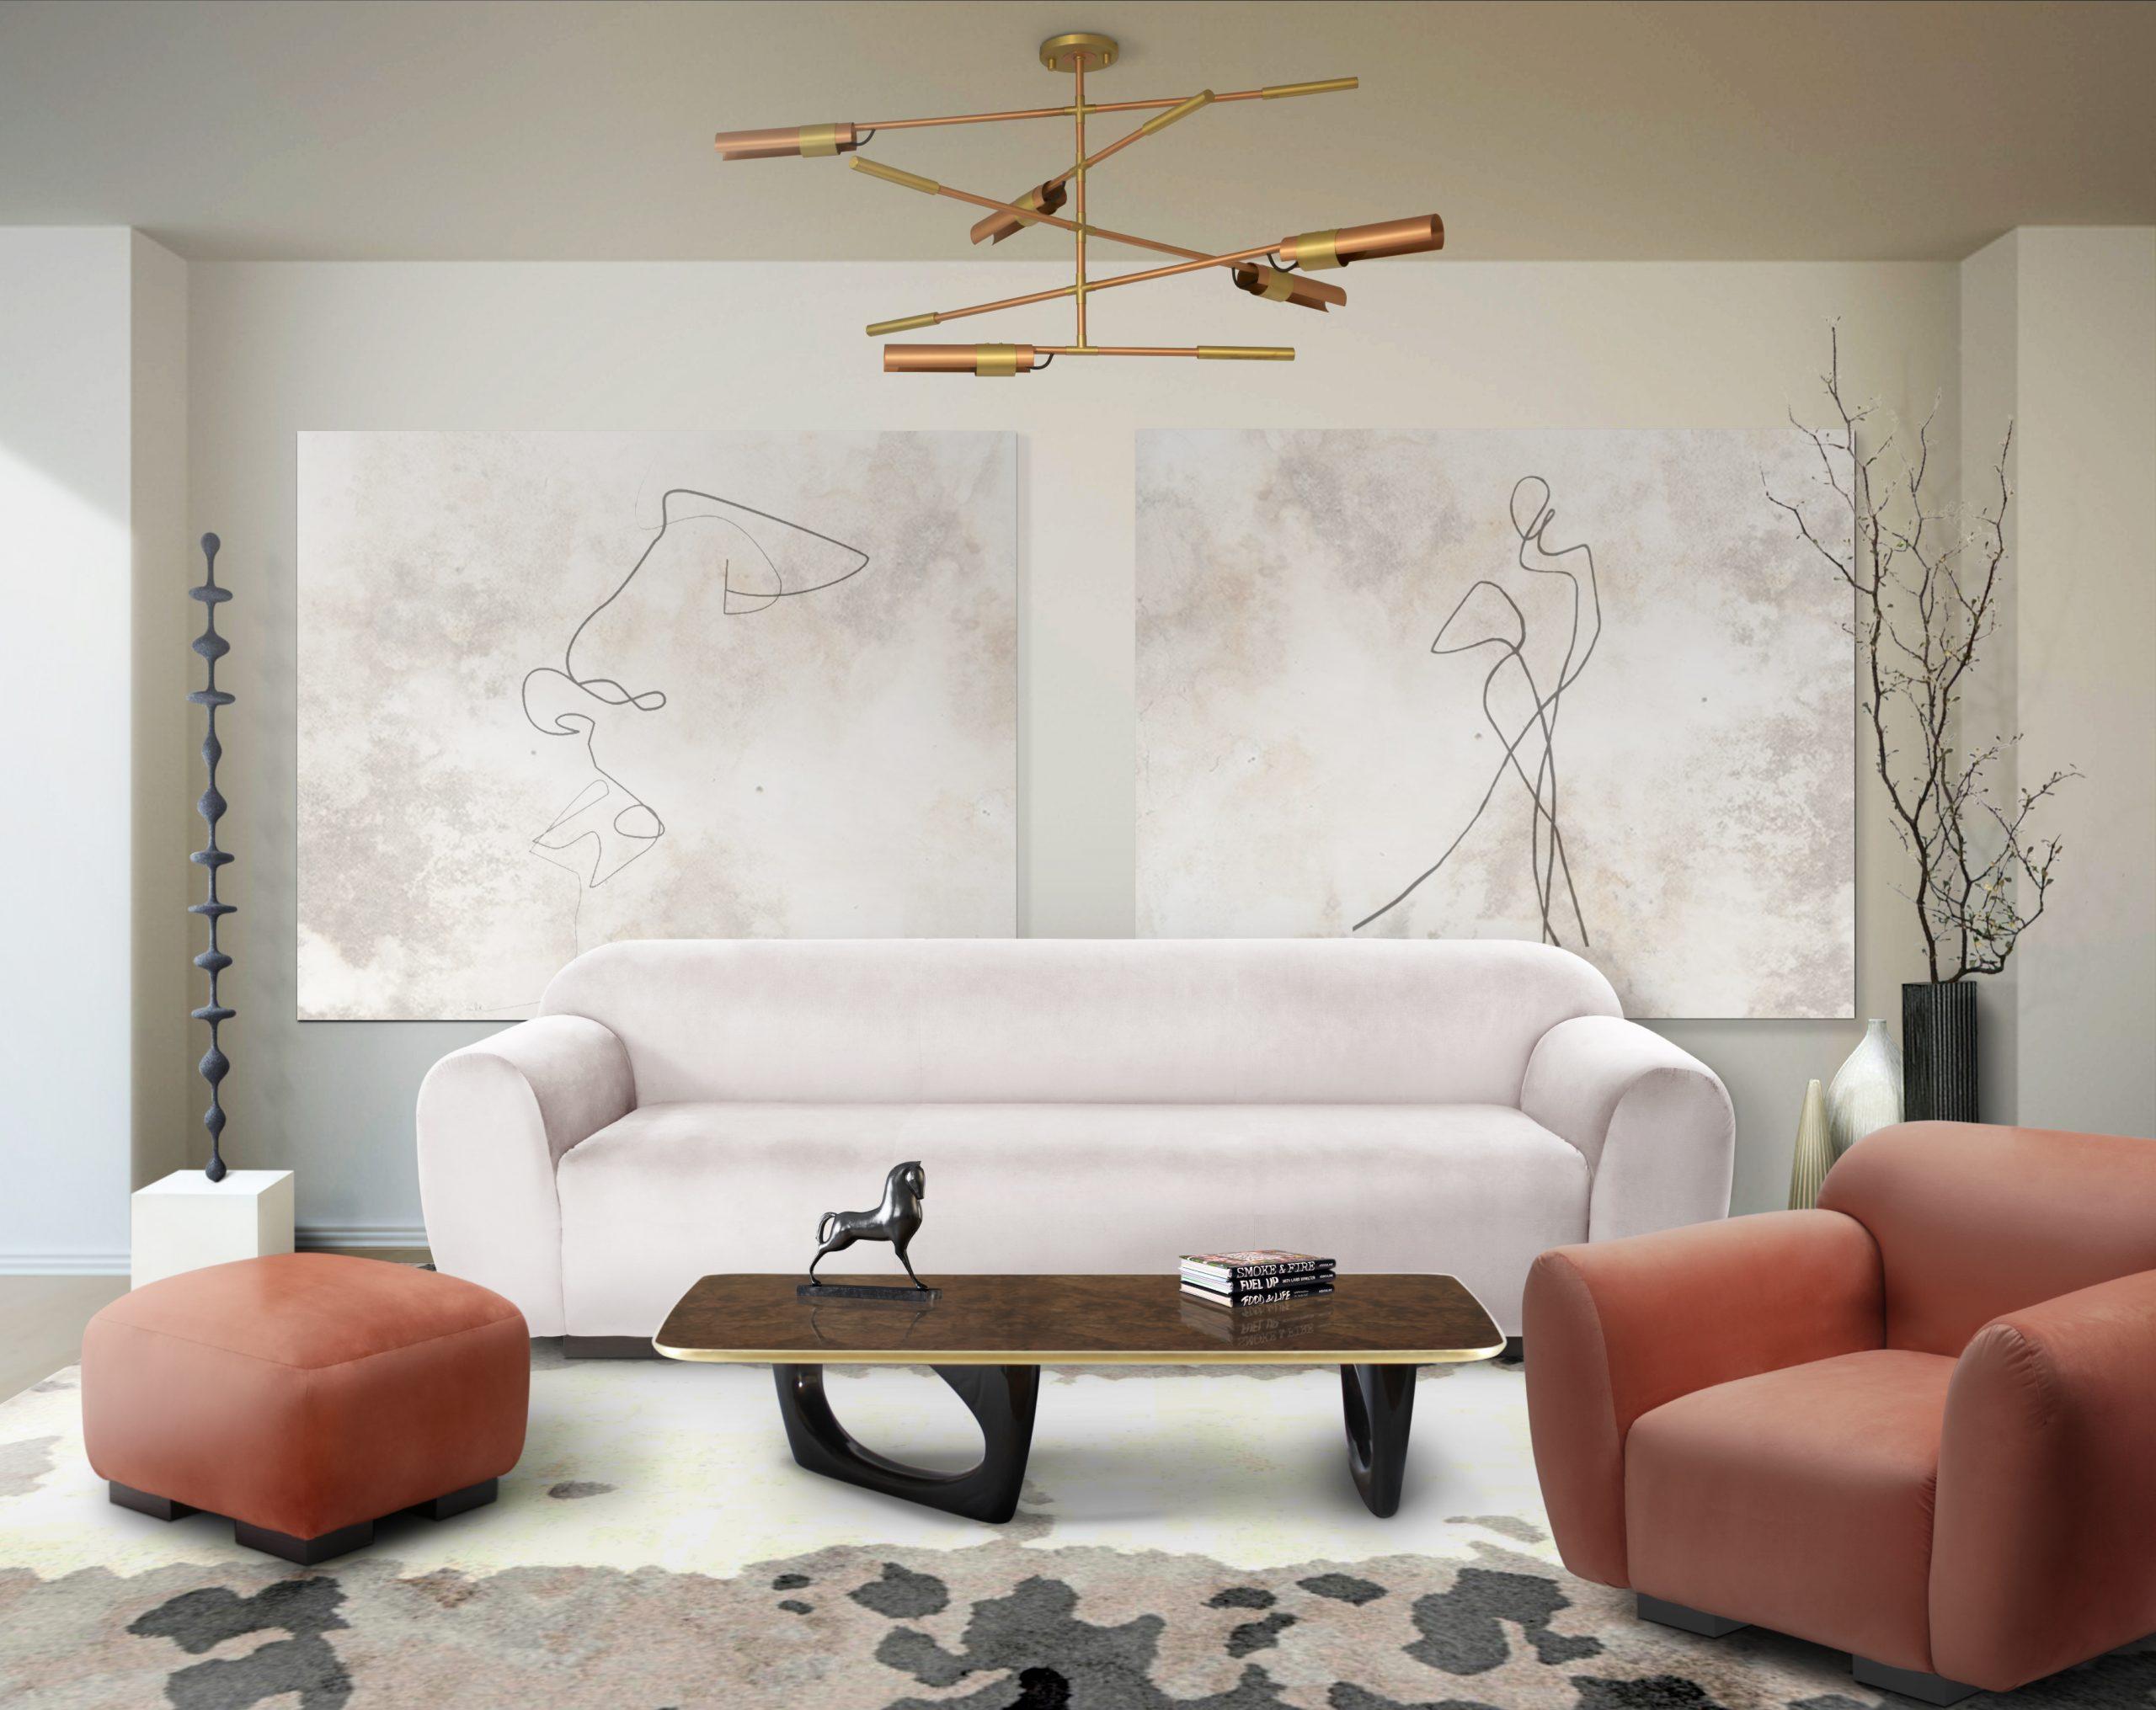 5 Lighting Design Trends for 2020 5 lighting design trends 5 Lighting Design Trends for 2020 living otter sofa koben suspension scaled